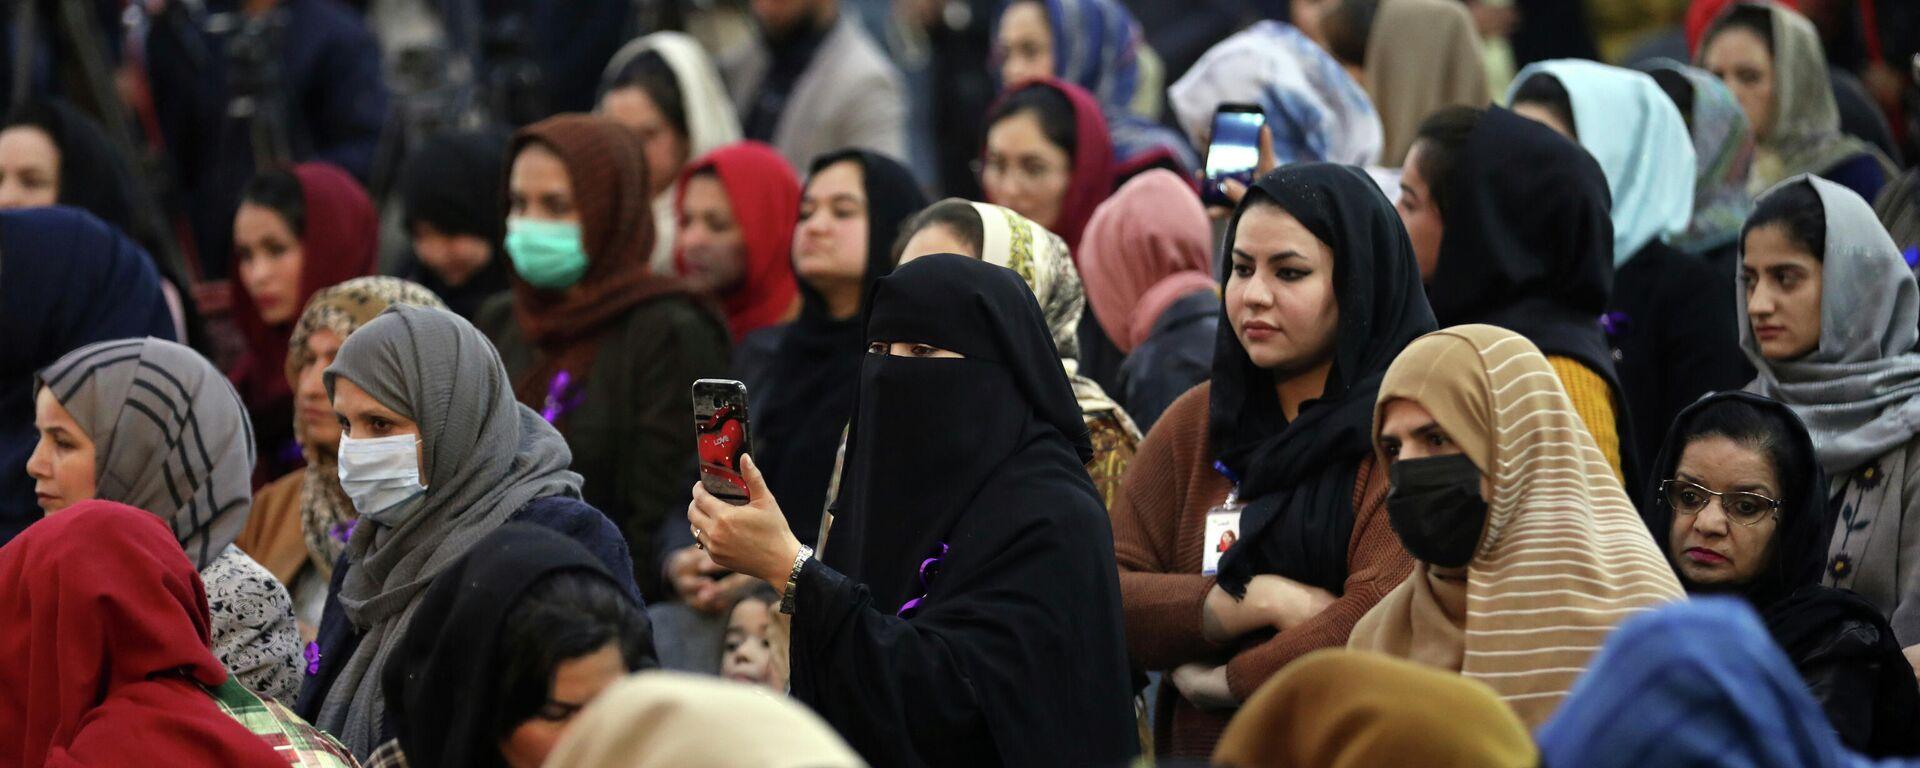 Афганские женщины - Sputnik Таджикистан, 1920, 17.08.2021